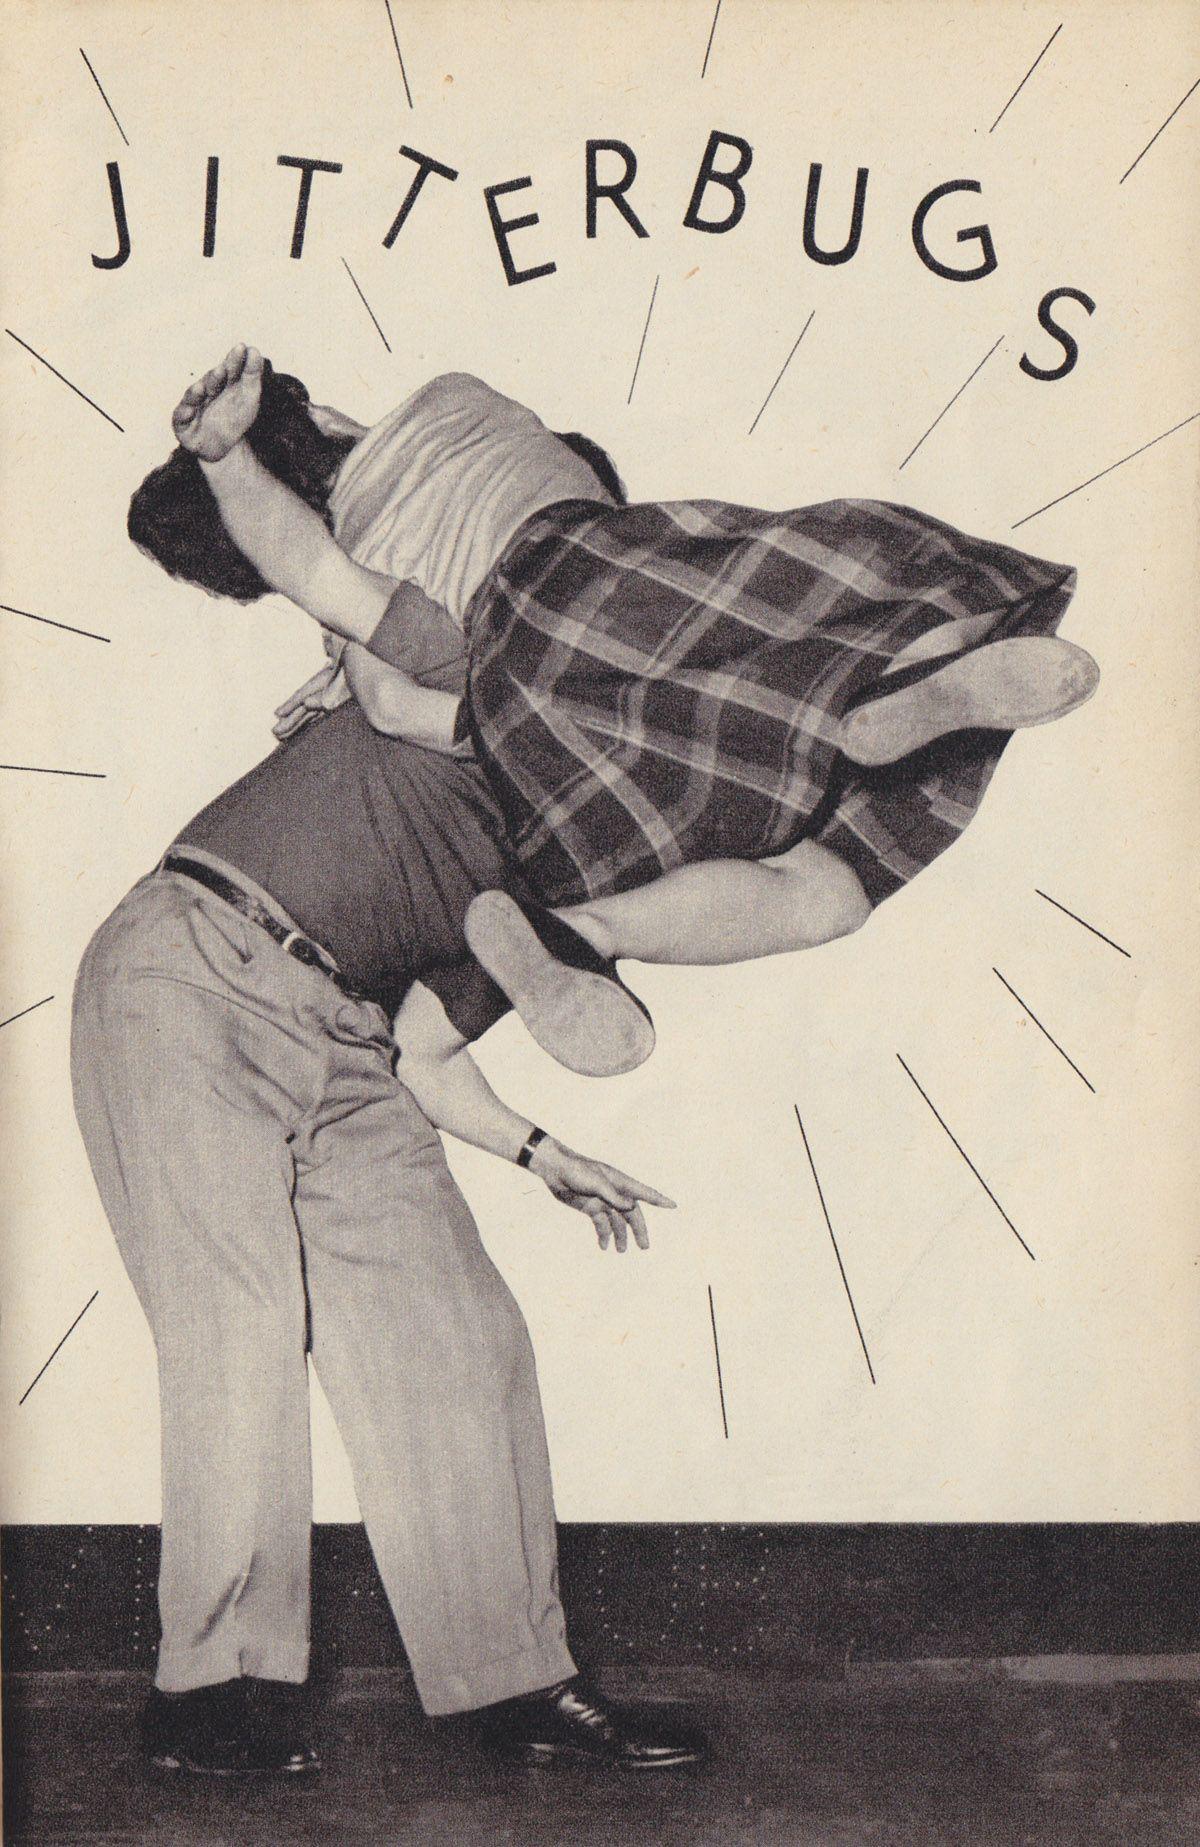 Swing Dance Ad - Jitterbugs